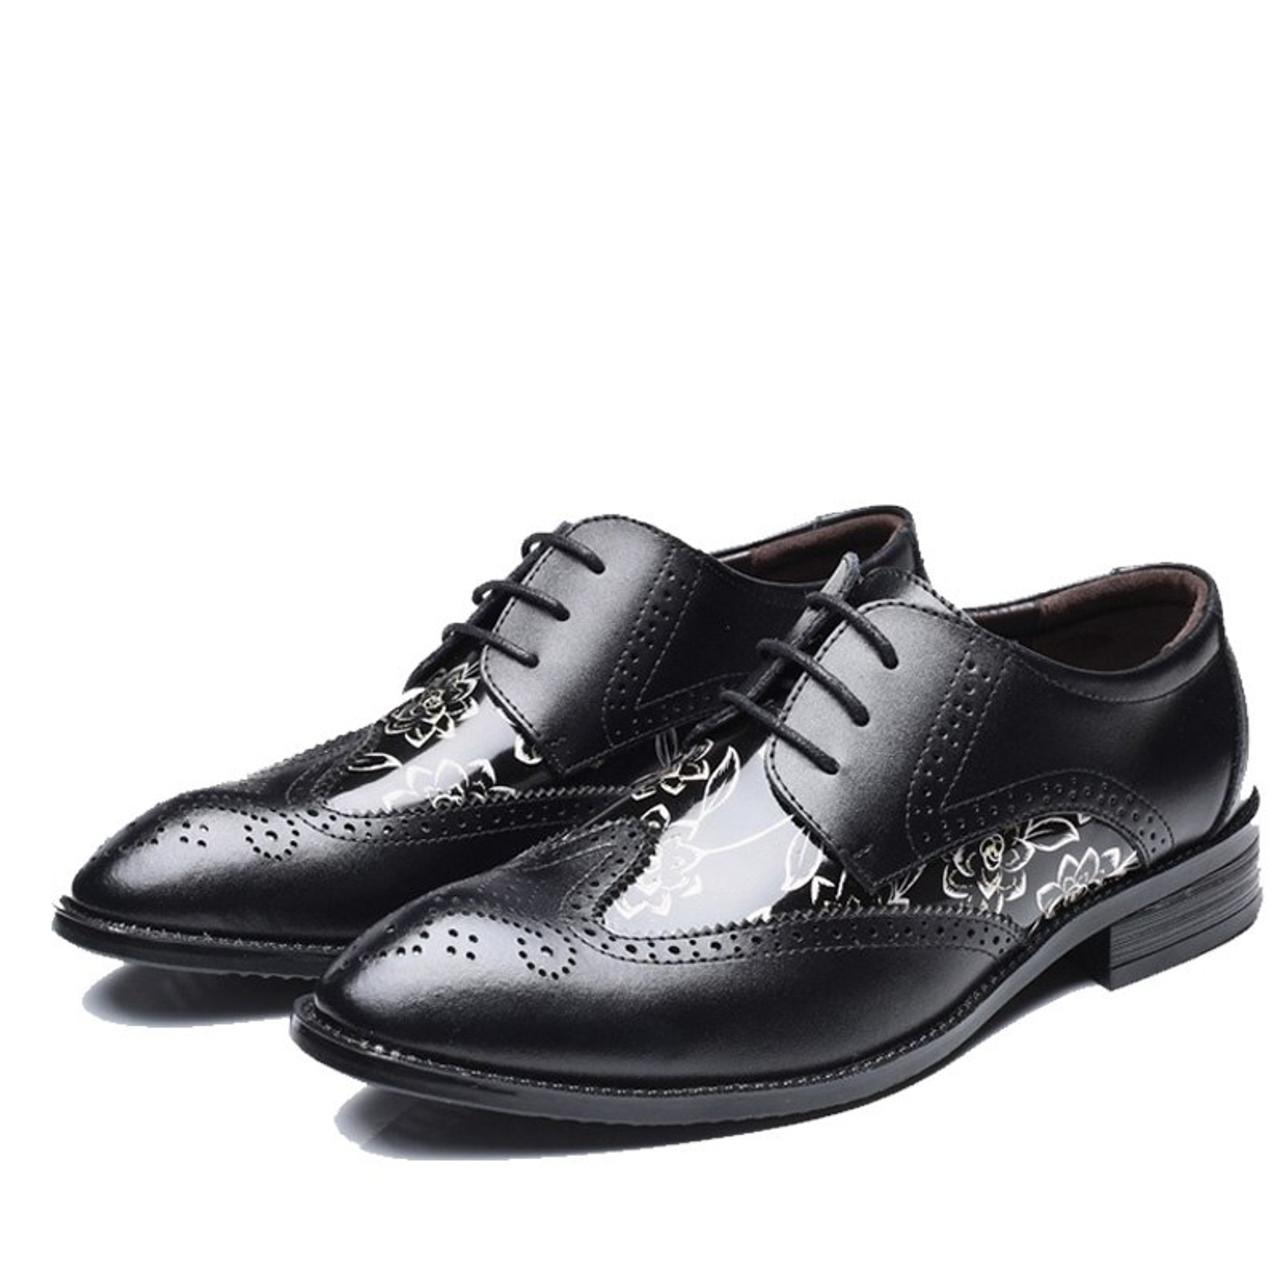 Npezkgc Men Shoes Luxury Brand Classic Fashion Formal Wedding Dress Shoes For Men Oxfords Zapatos Hombre Weaving Leather Shoes Men's Shoes